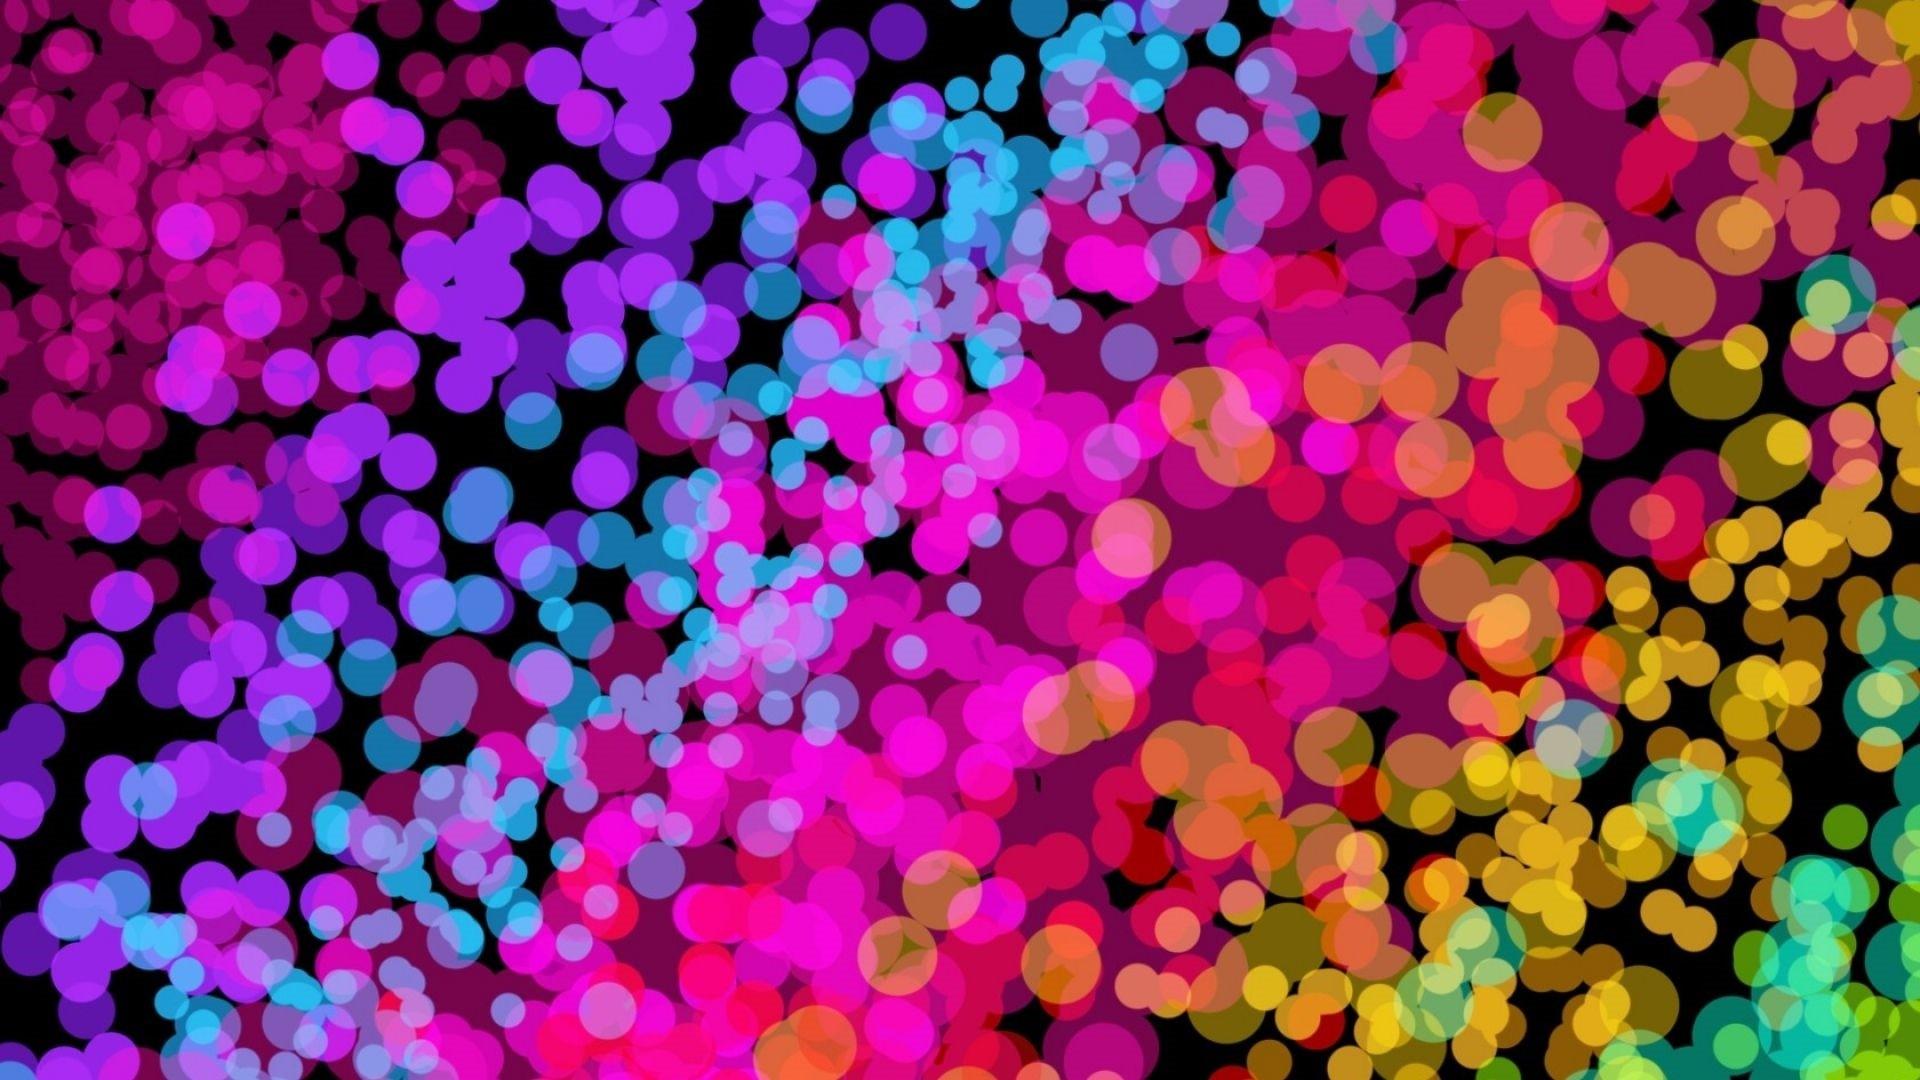 Bright Picture